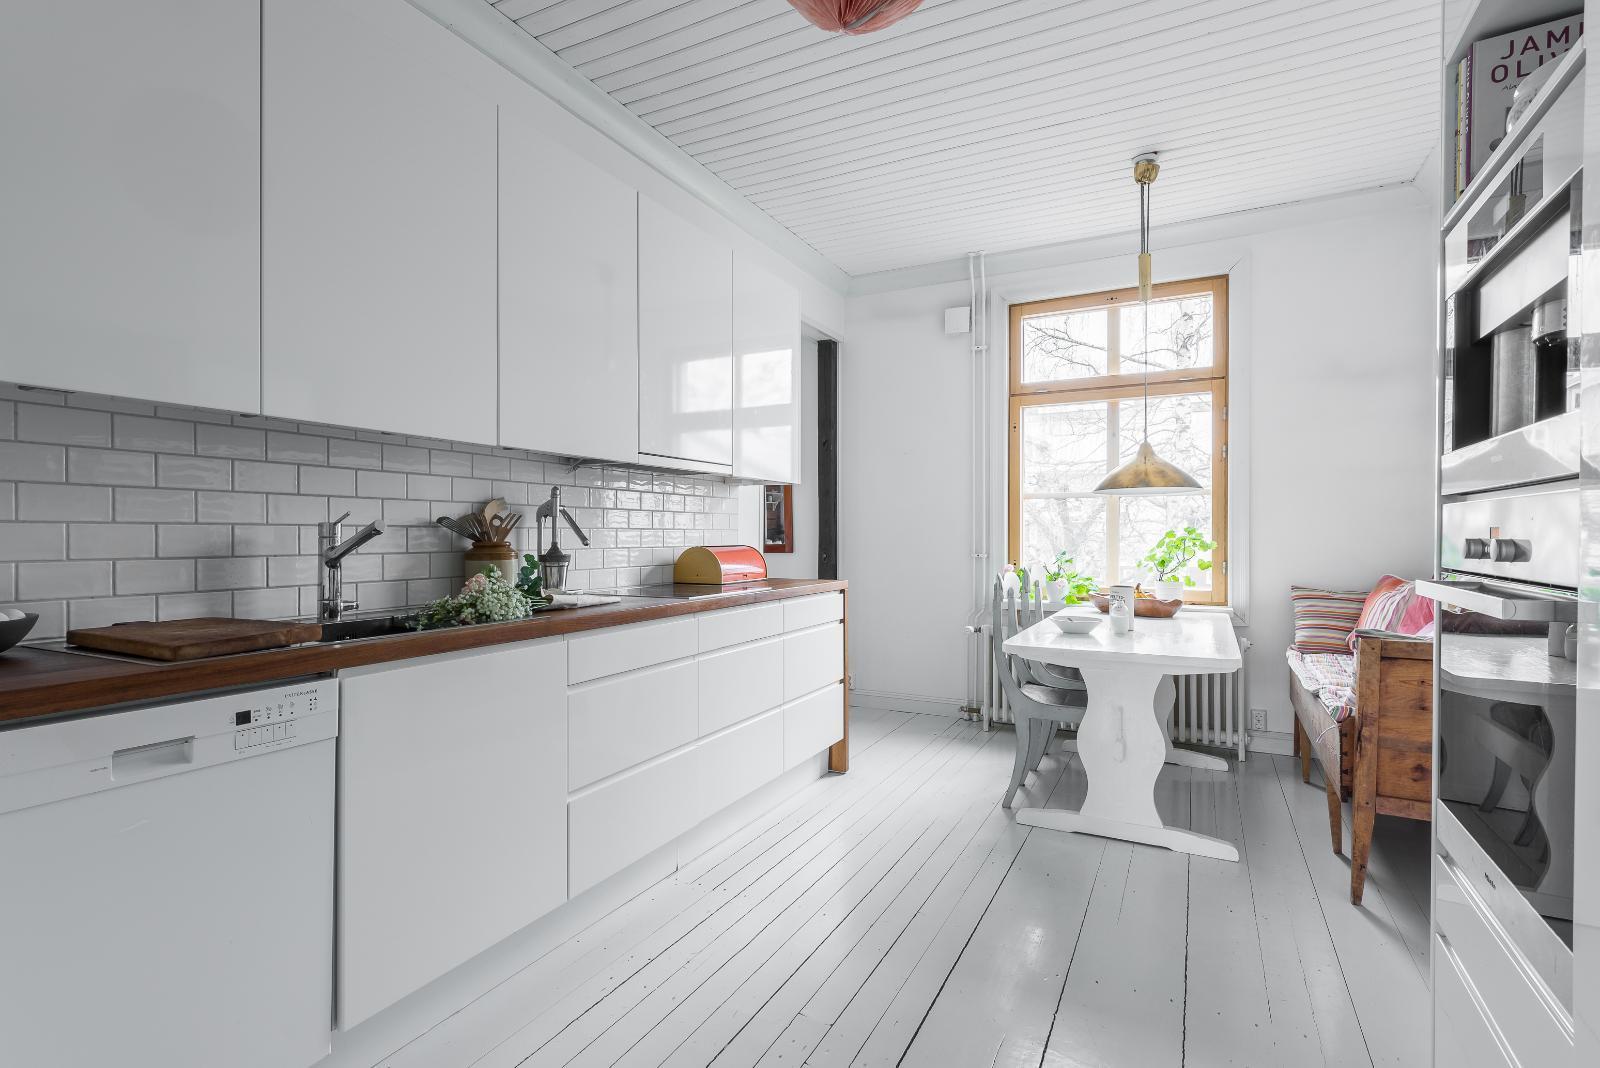 Uusi ja vanha kohtaavat puutalon keittiössä  Etuovi com Ideat & vinkit